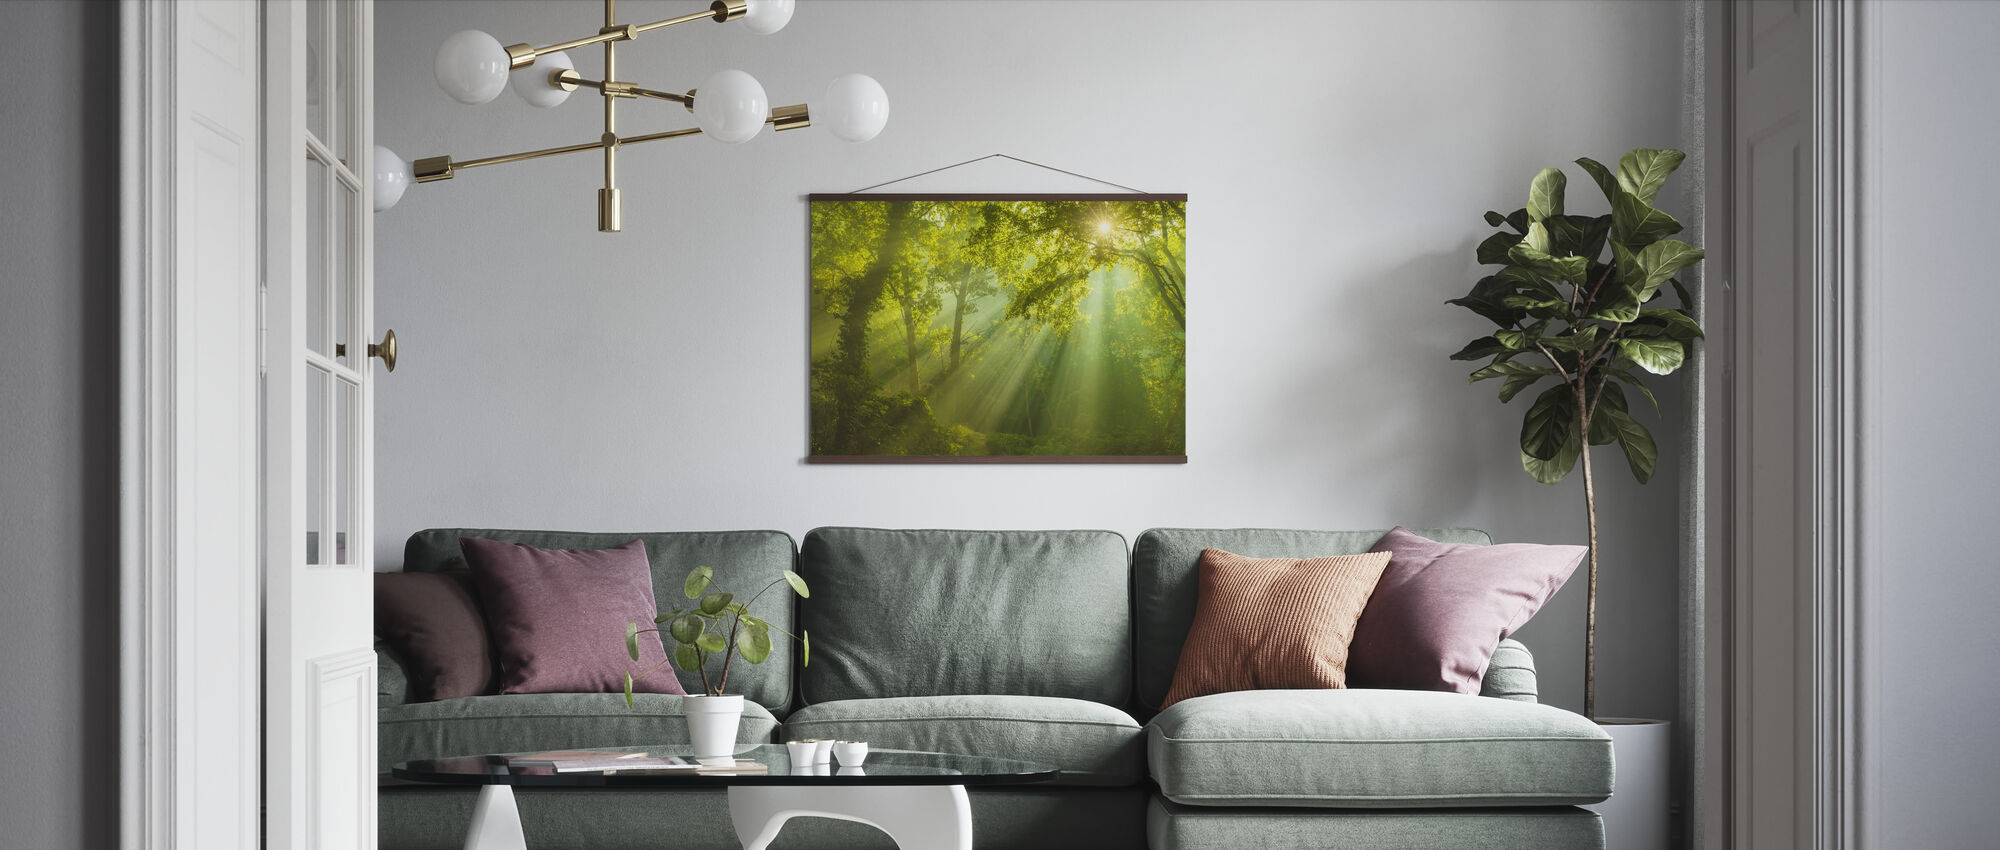 Green Forest Sunlight - Poster - Living Room